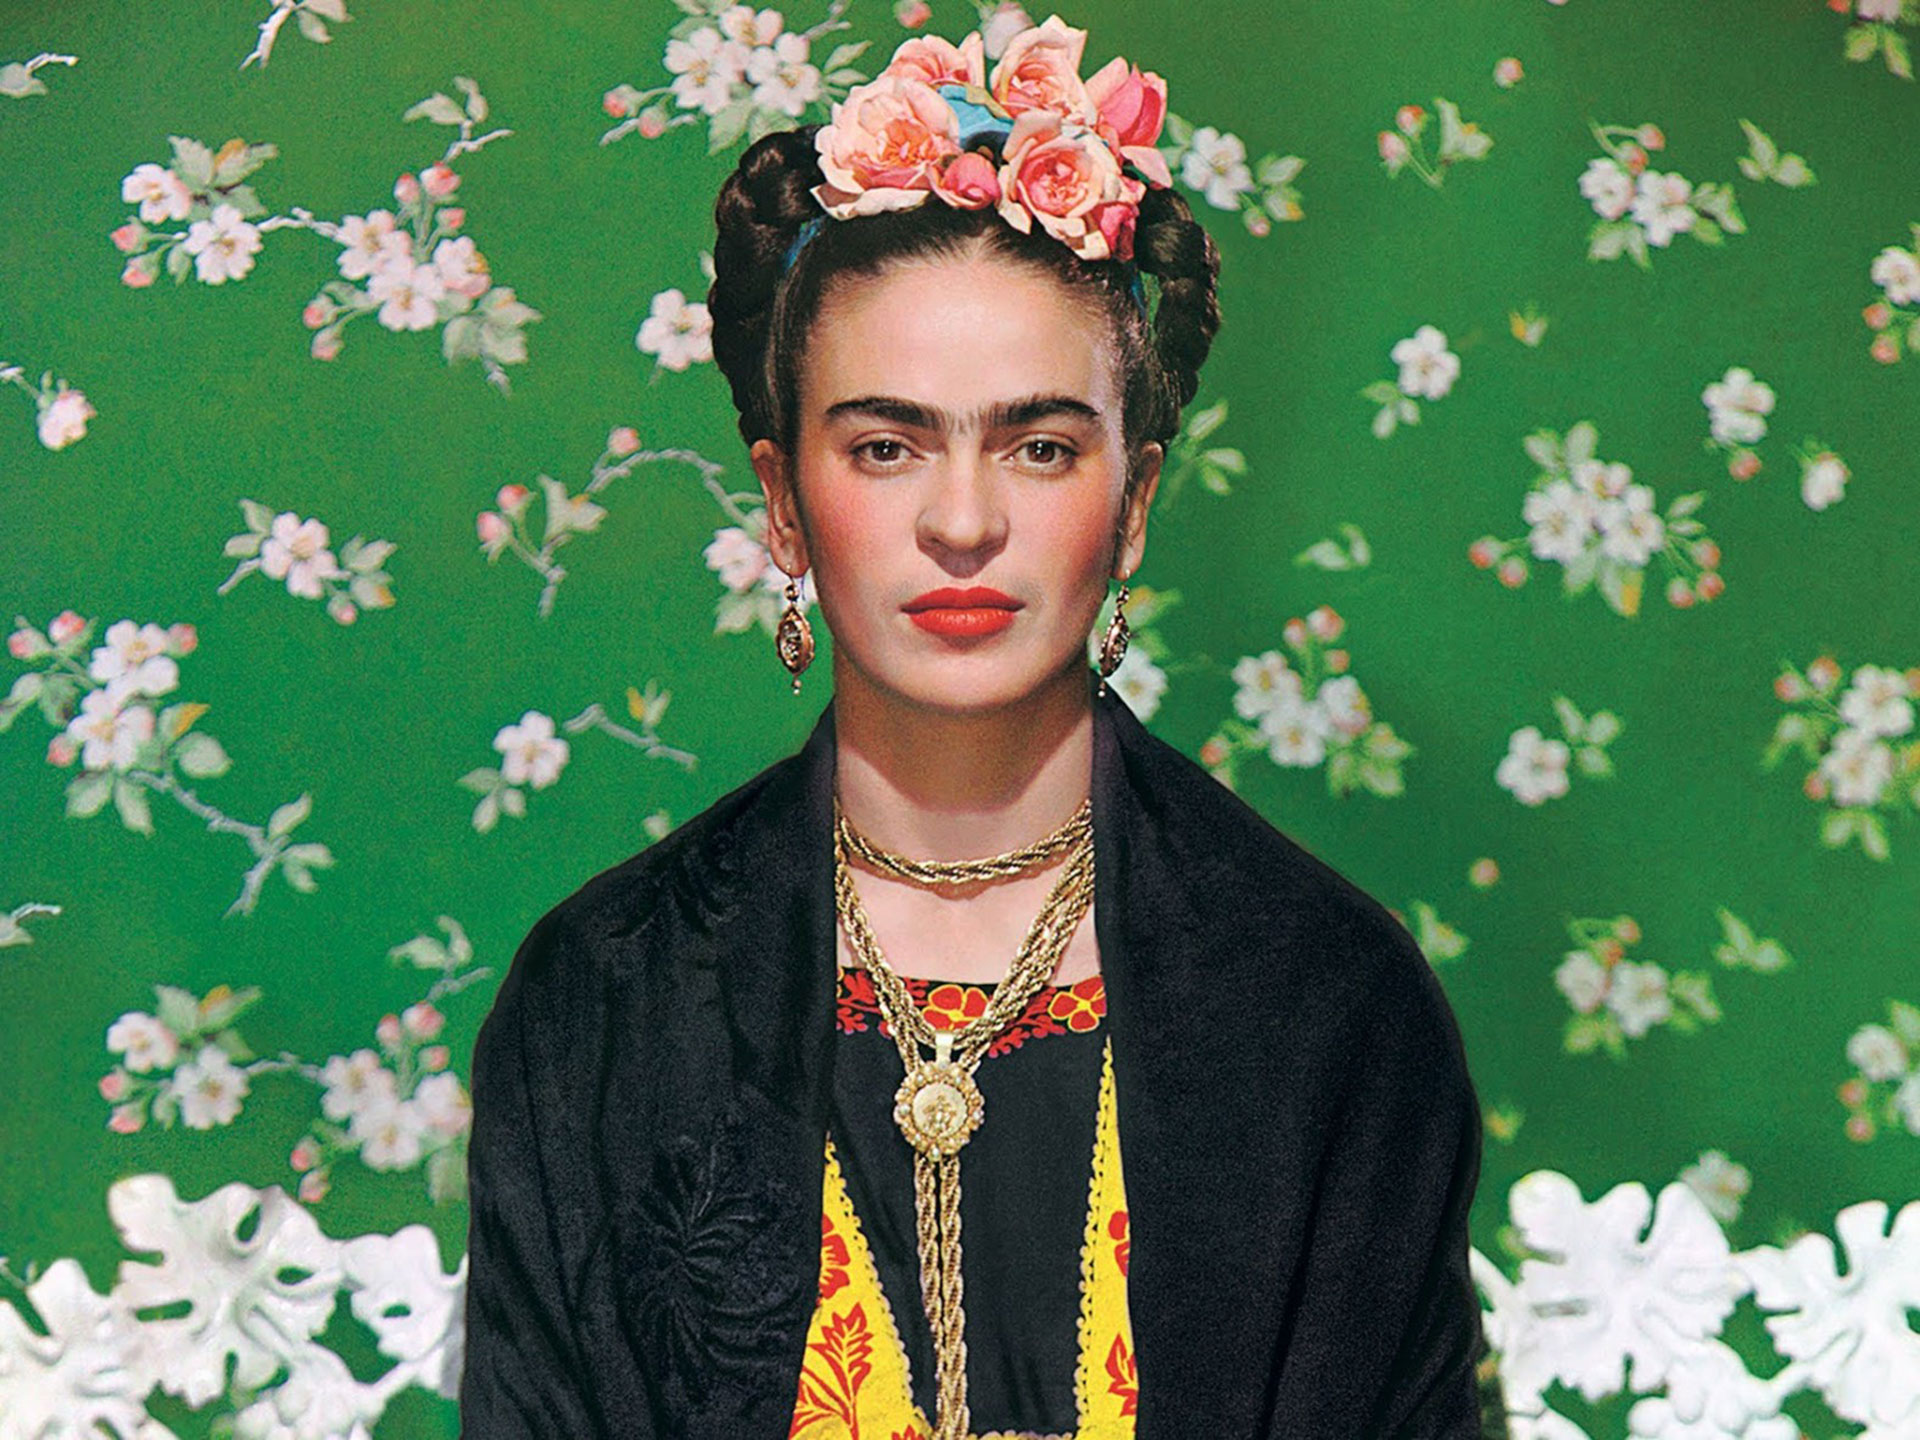 El encanto de Frida